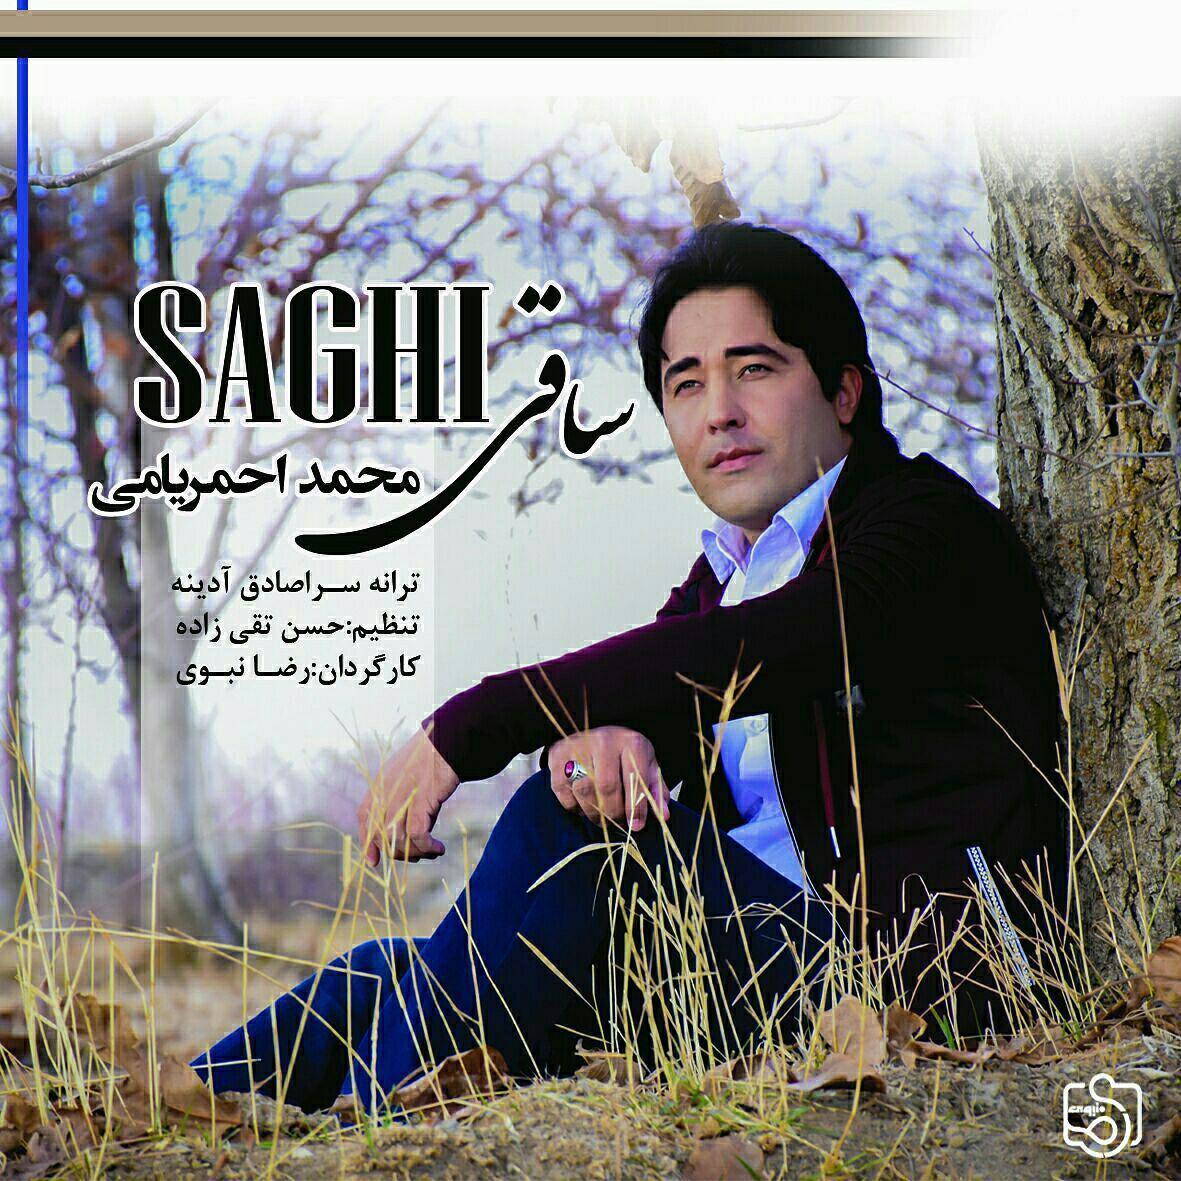 آهنگ و موزیک جدید و بسیارزیبا از  محمداحمریامی به نام ساقی